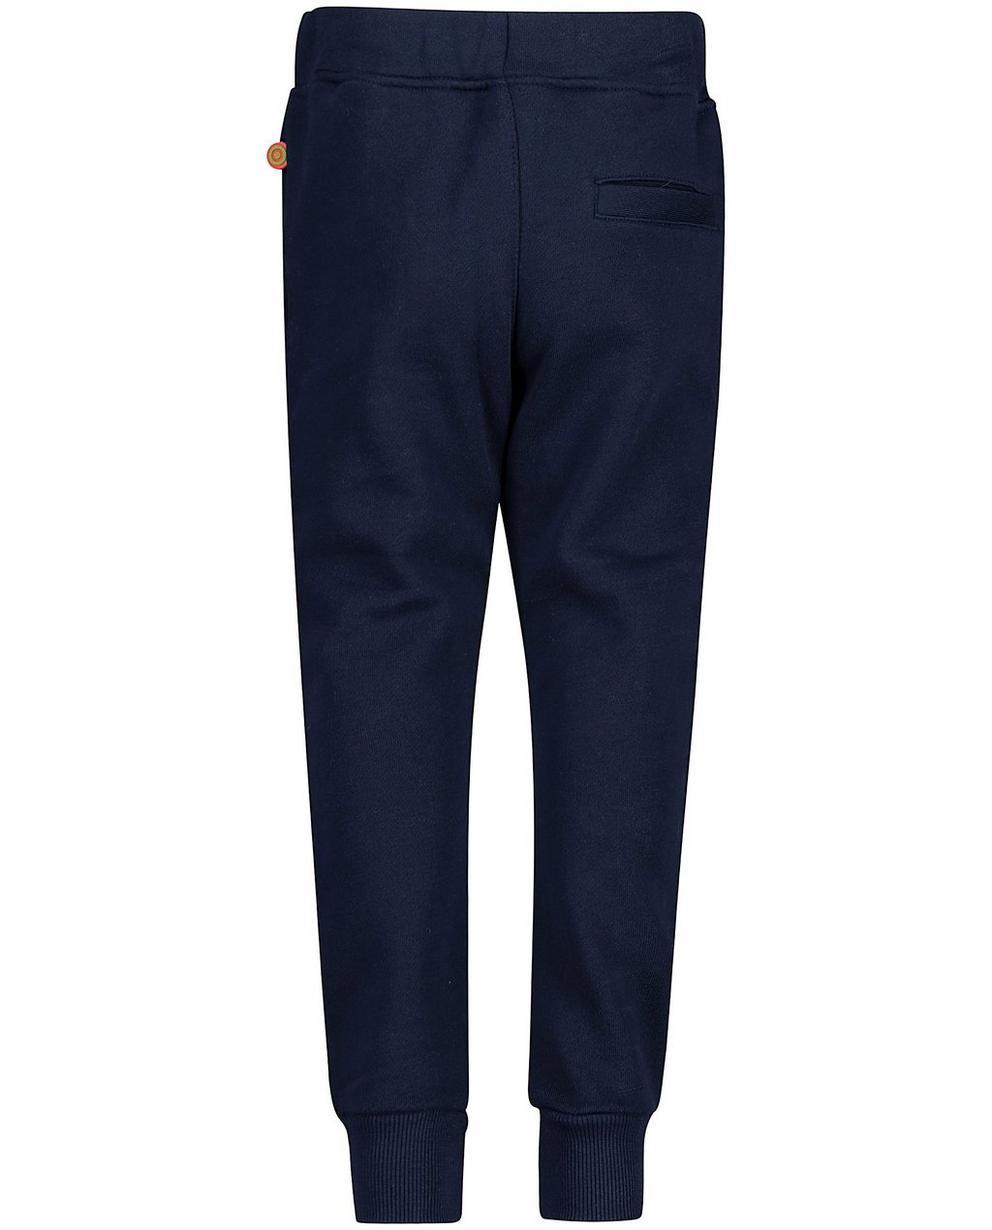 Broeken - BLD - Nachtblauwe sweatbroek